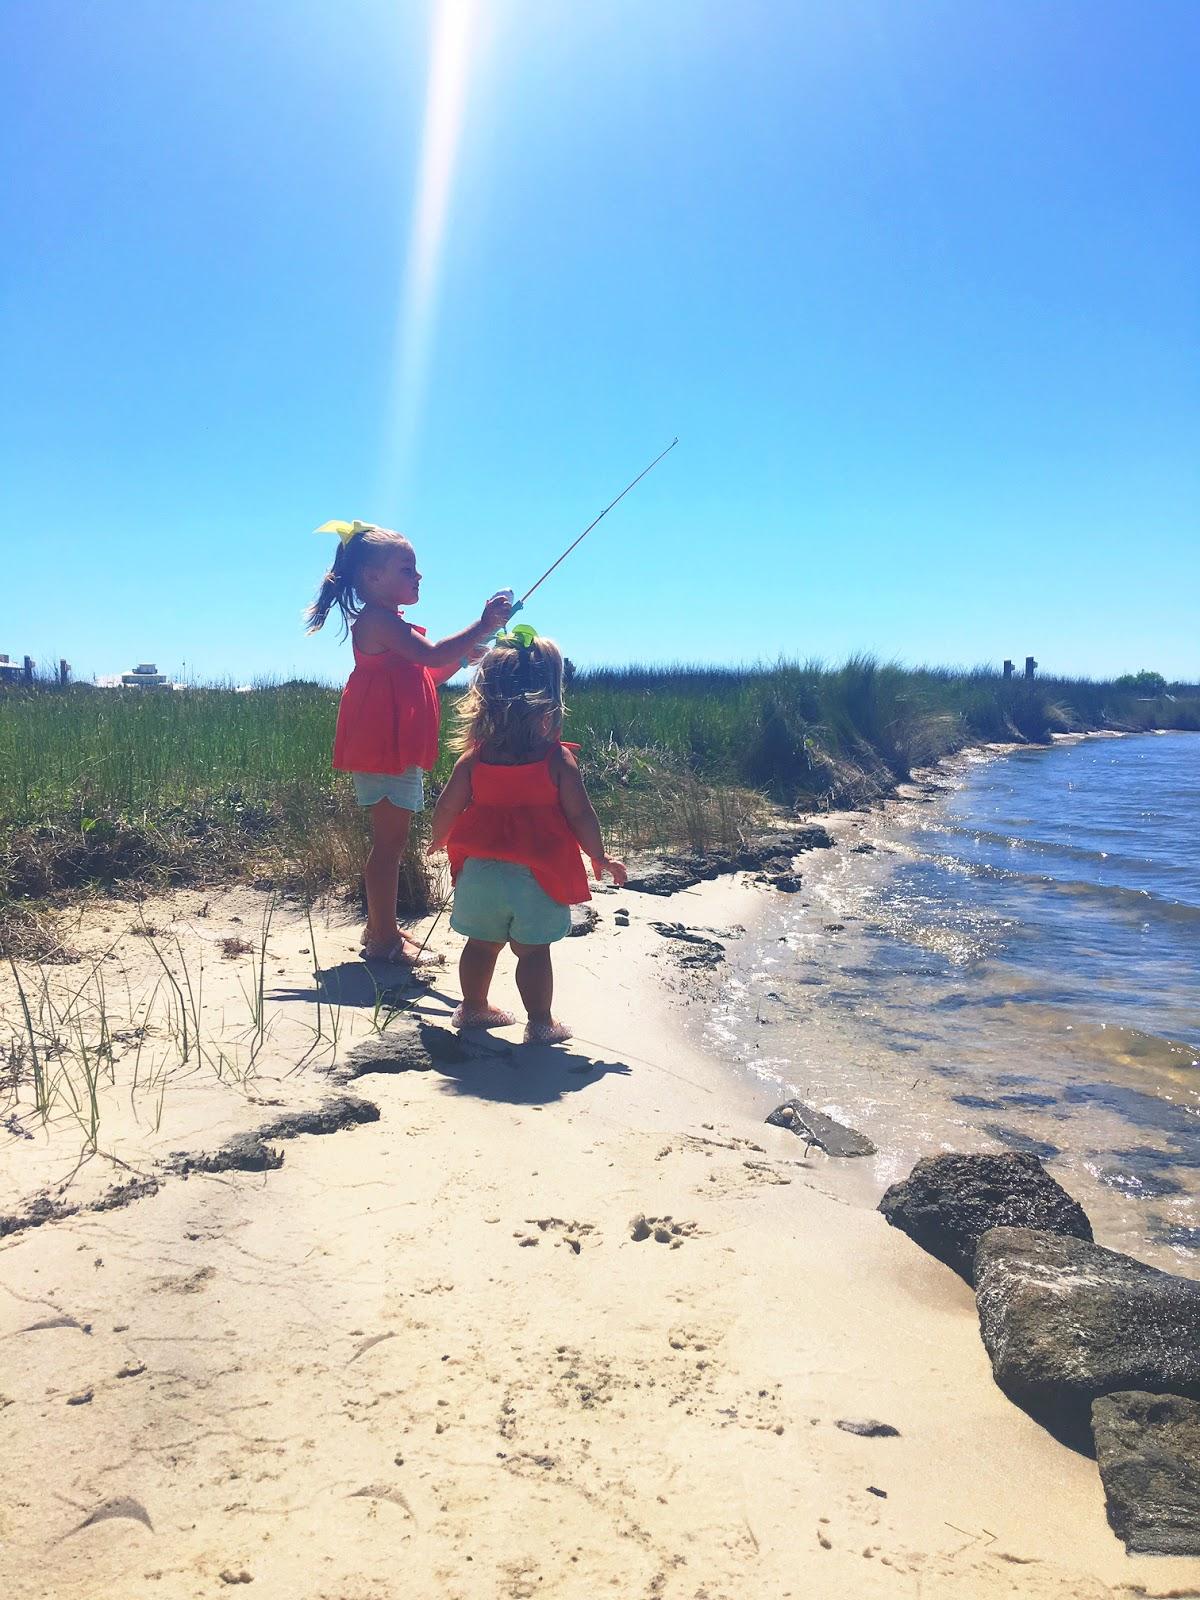 Bushel peck for Moana fishing pole